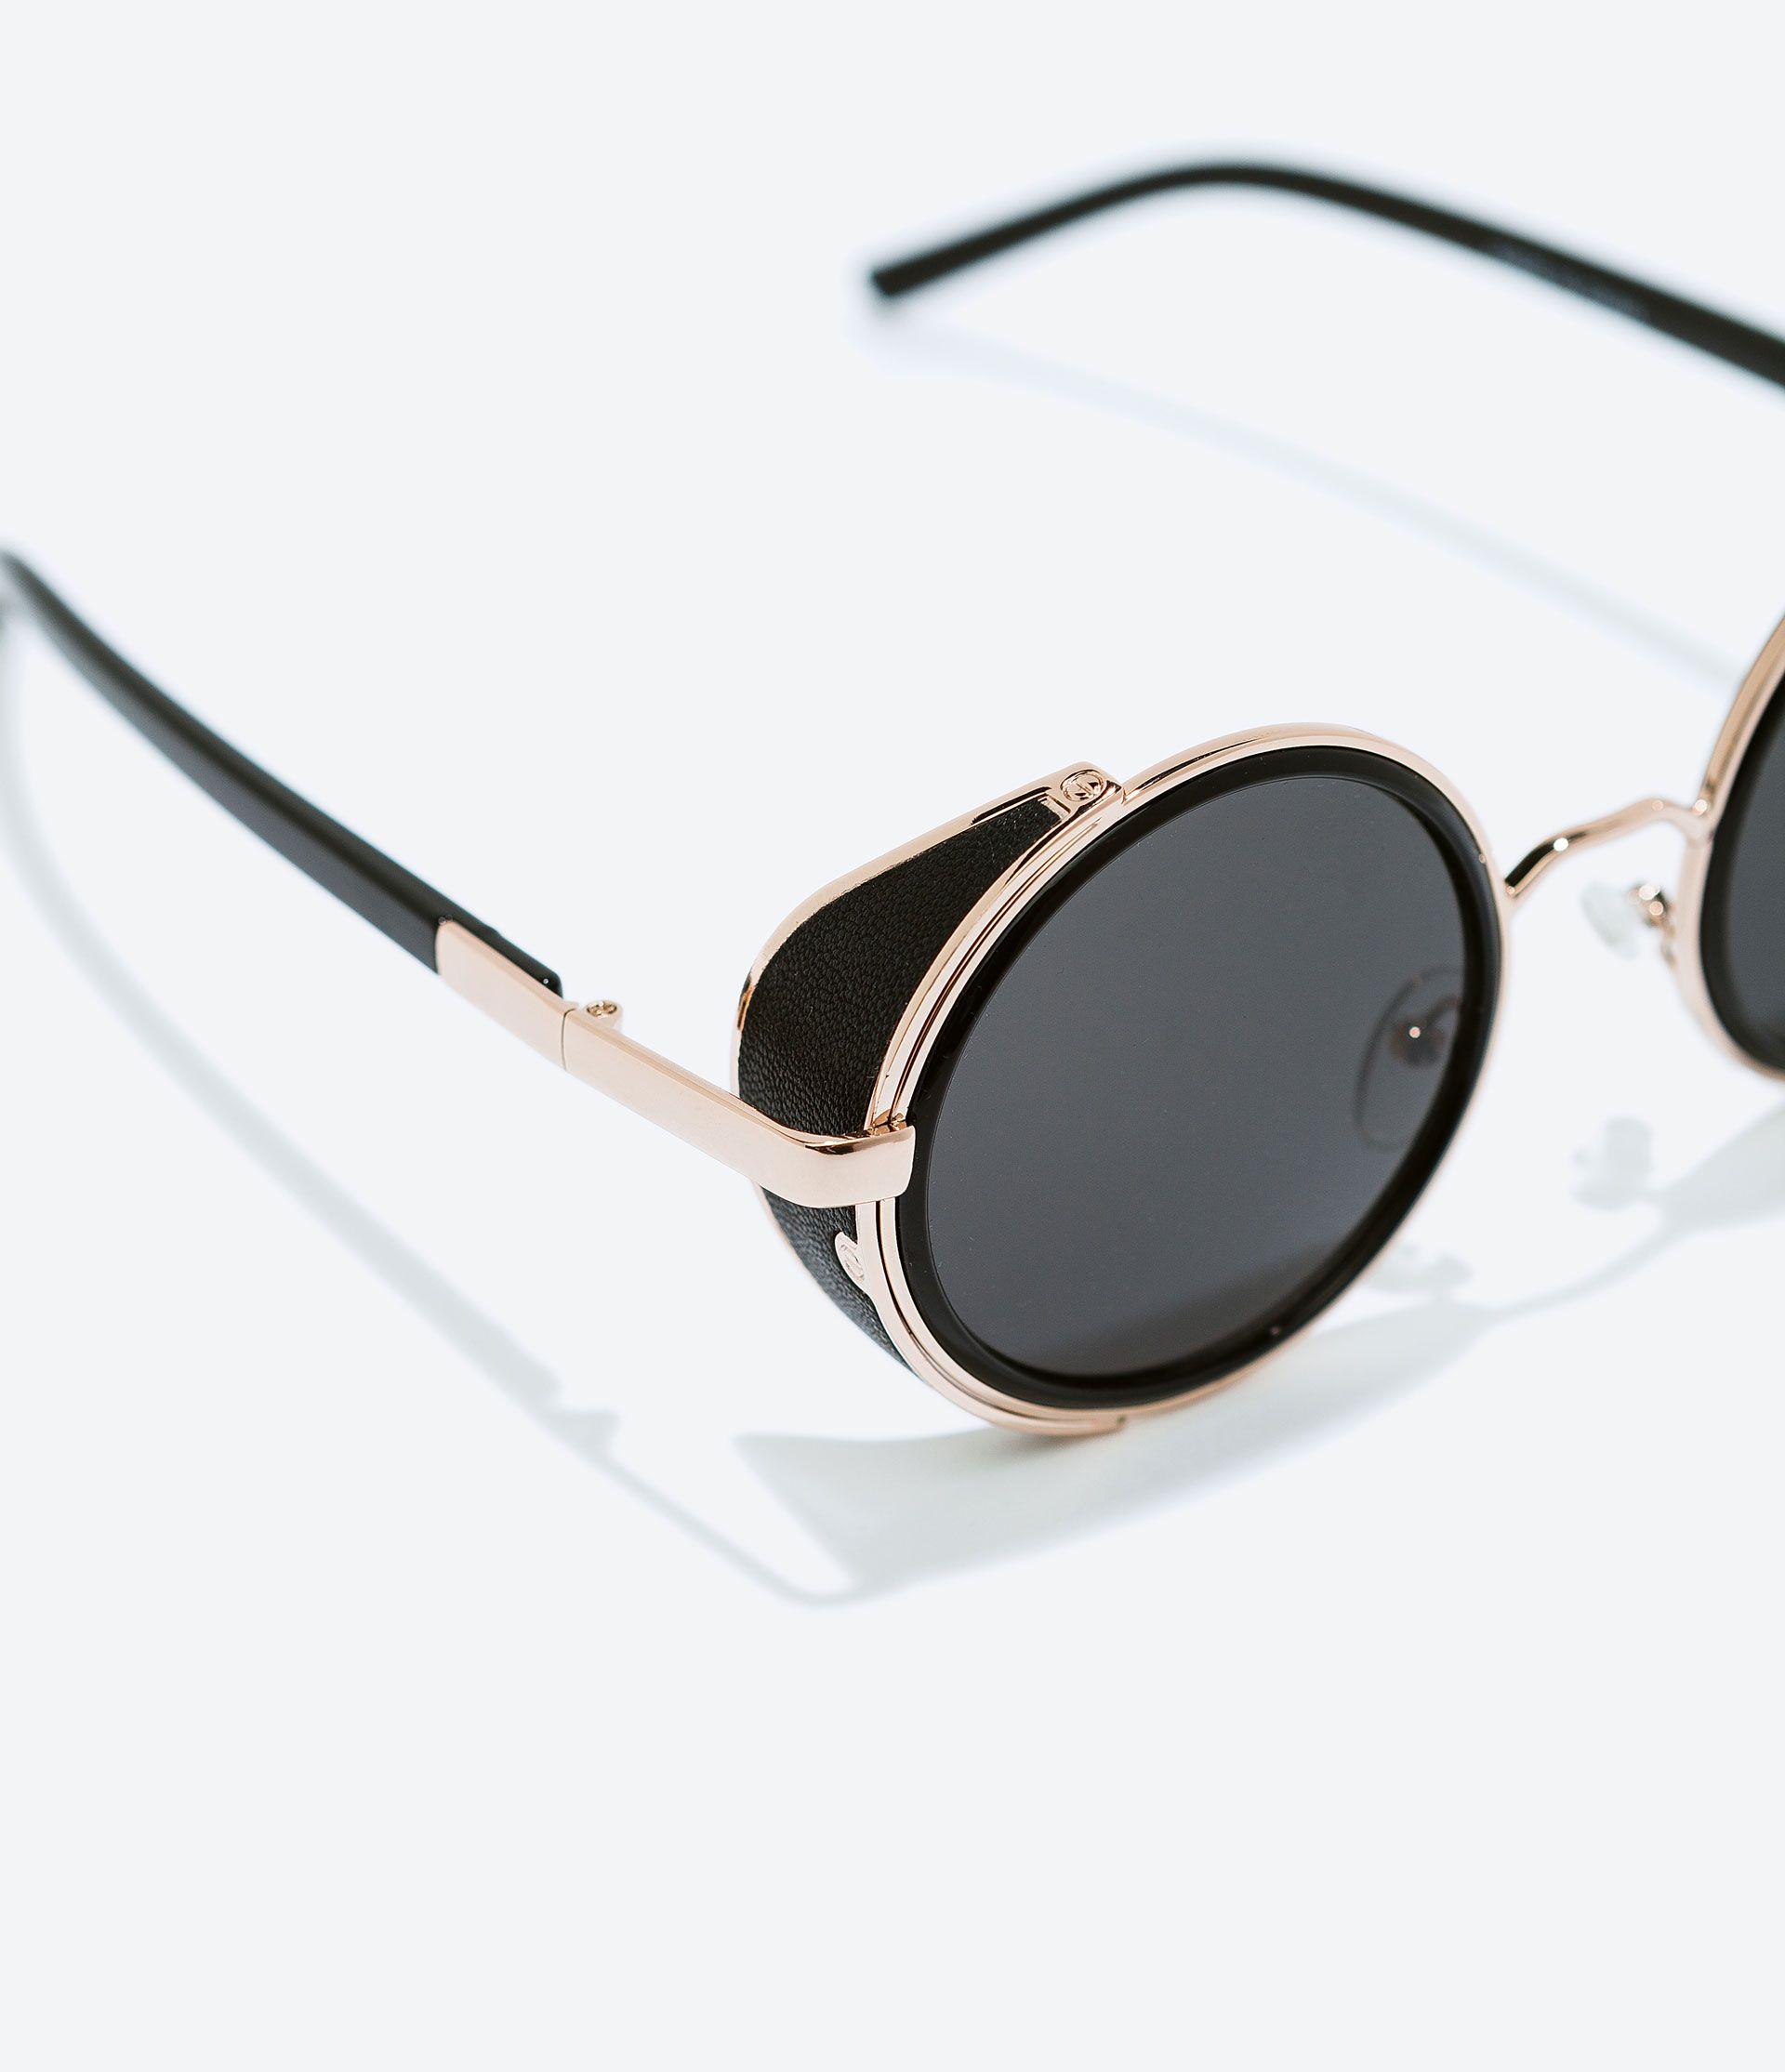 GAFAS DE SOL REDONDAS de Zara | i want it | Pinterest | Gafas de sol ...